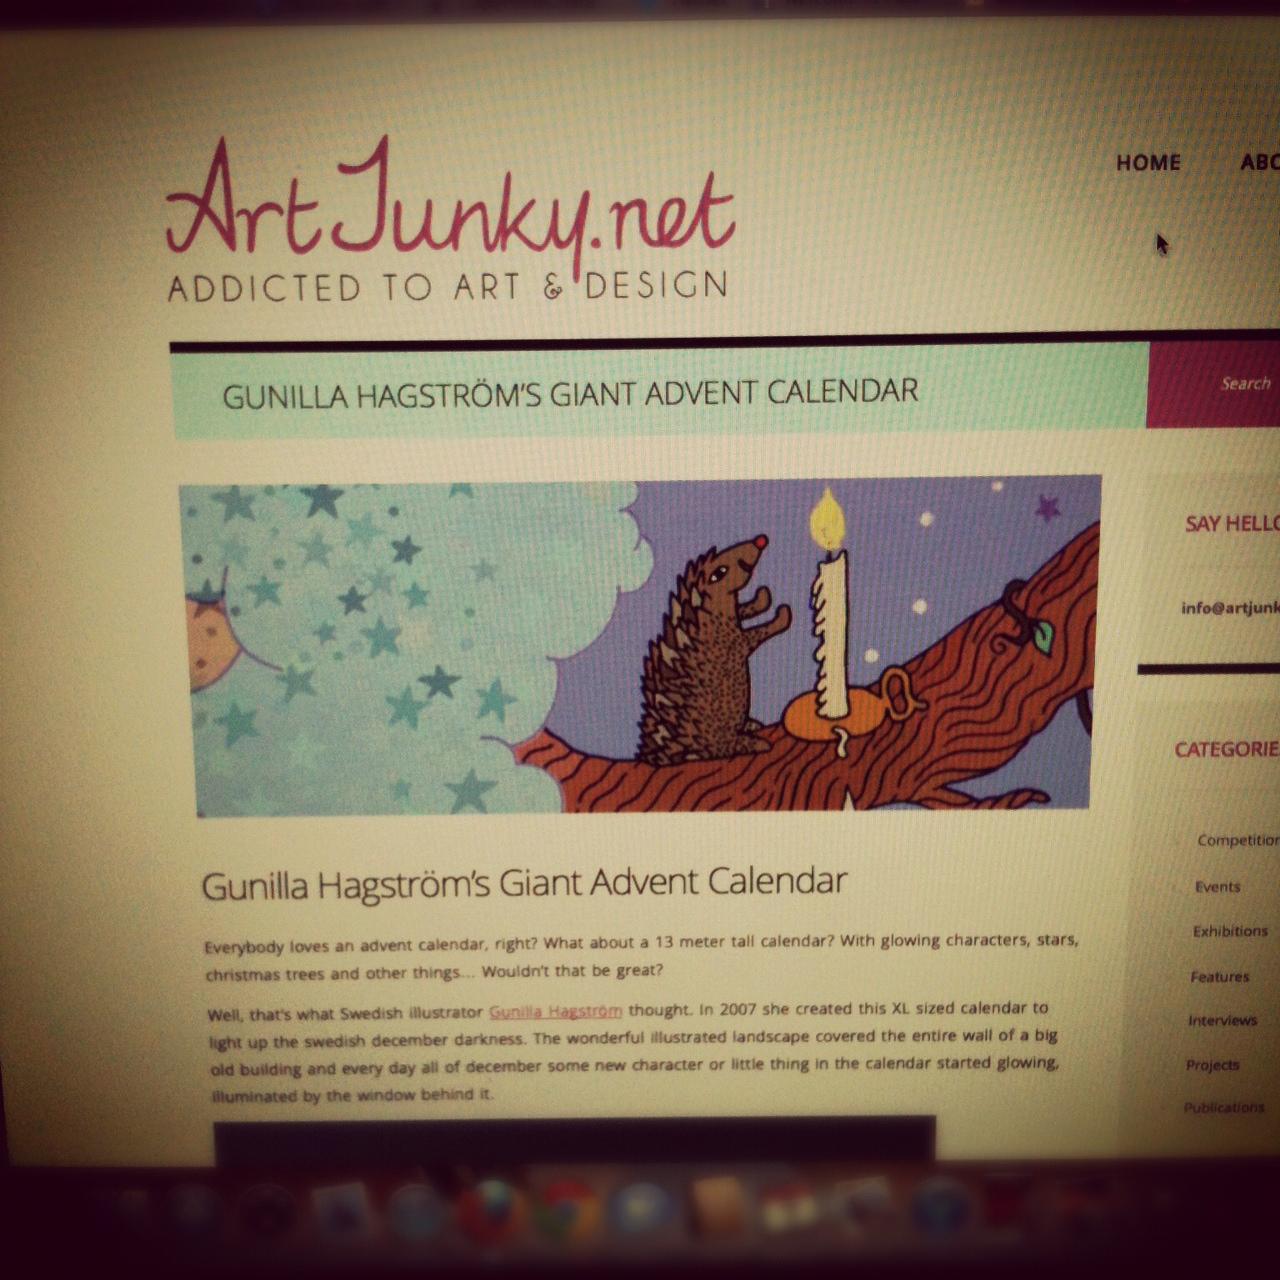 Min första artikel till Artjunky.net